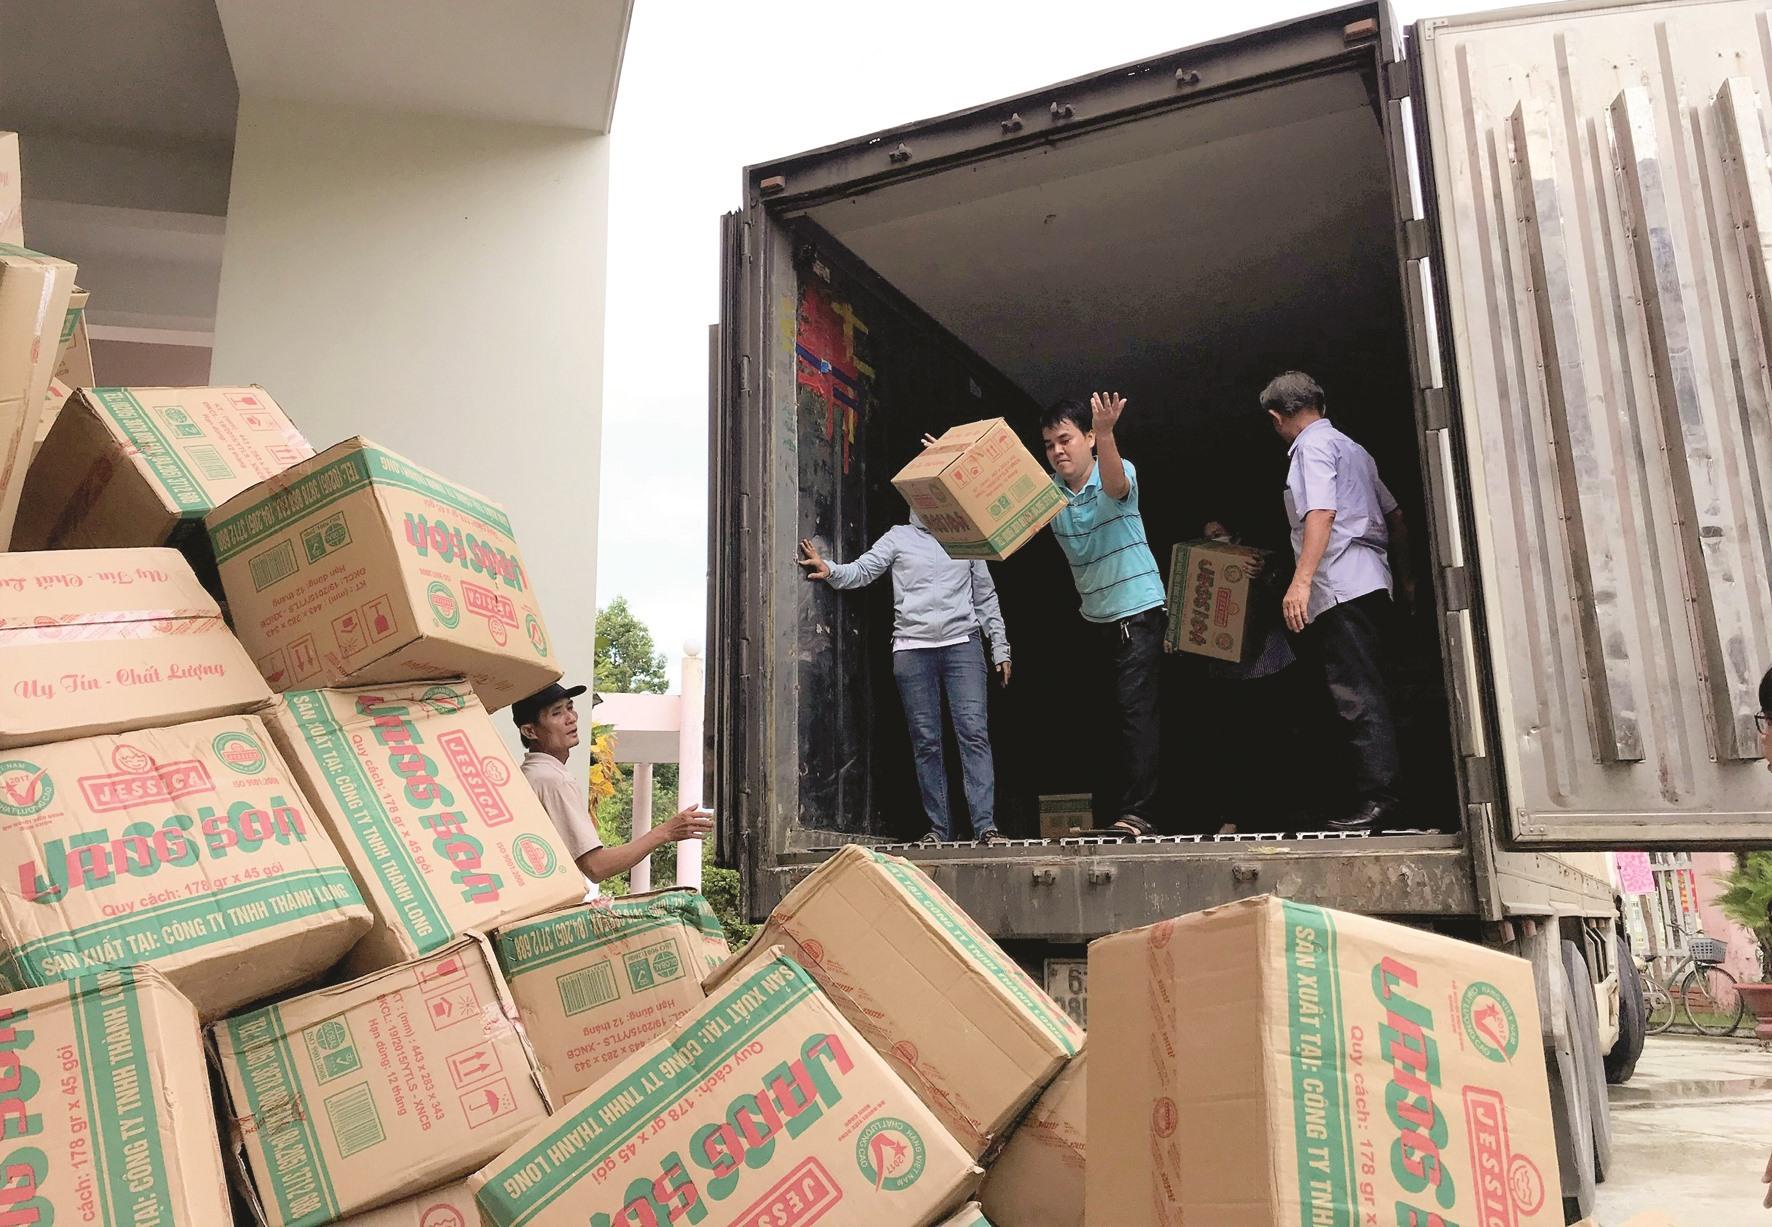 Hàng cứu trợ của Ủy ban MTTQ Việt Nam tỉnh Lạng Sơn gửi đồng bào Quảng Nam bị thiệt hại do lũ lụt.